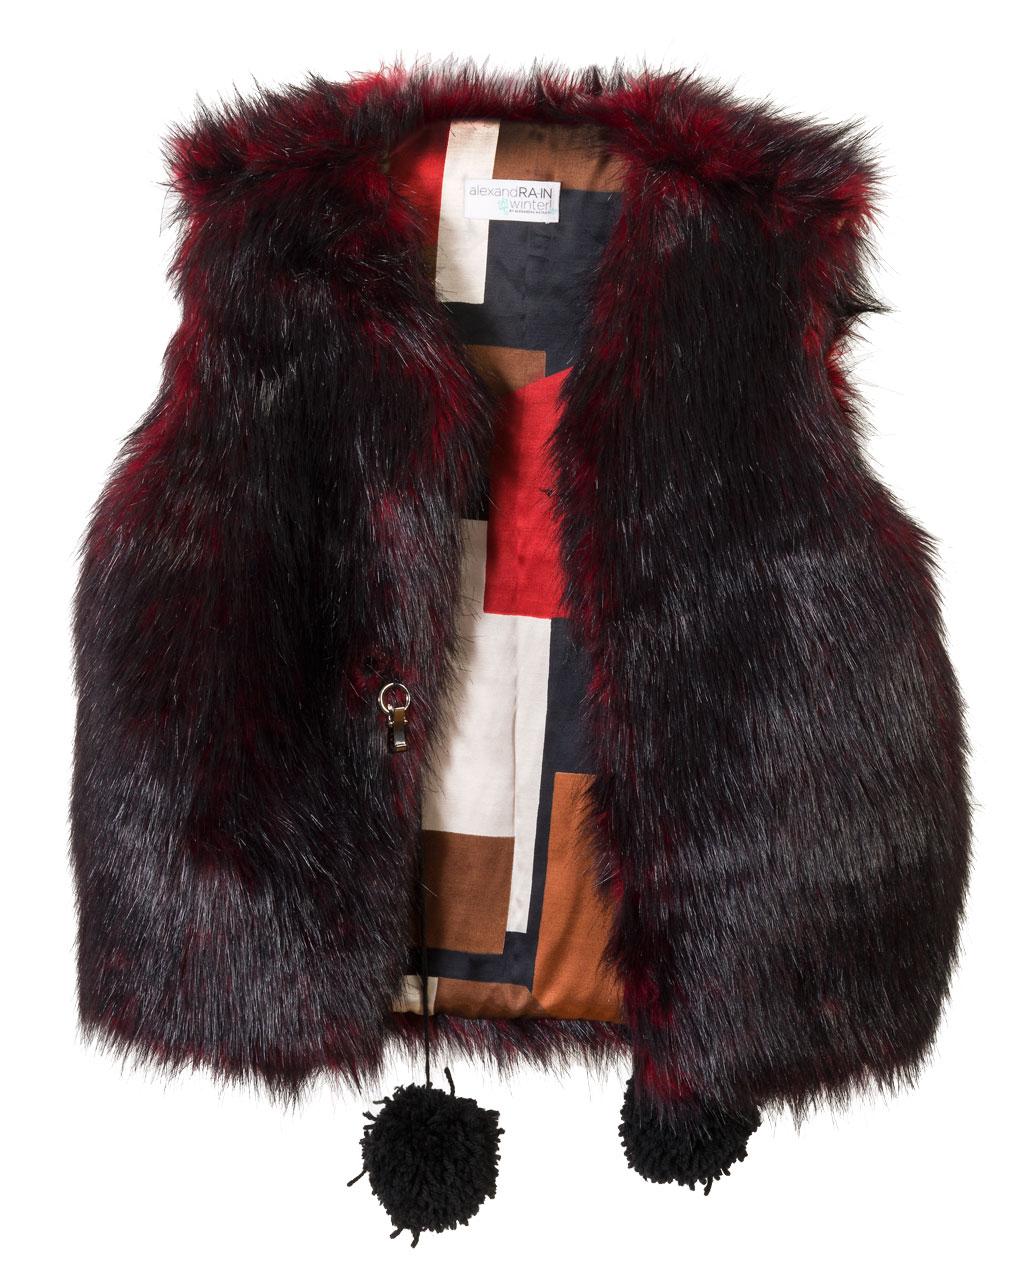 """ΓΙΛΕΚΟ ΚΟΚΚΙΝΟ/ΜΑΥΡΟ ΑΠΟ ΟΙΚΟΛΟΓΙΚΗ ΓΟΥΝΑ """"alexandRA-INwinter"""" γυναικειa   παλτο   πανοφωρια   ζακετεσ   γιλεκα"""